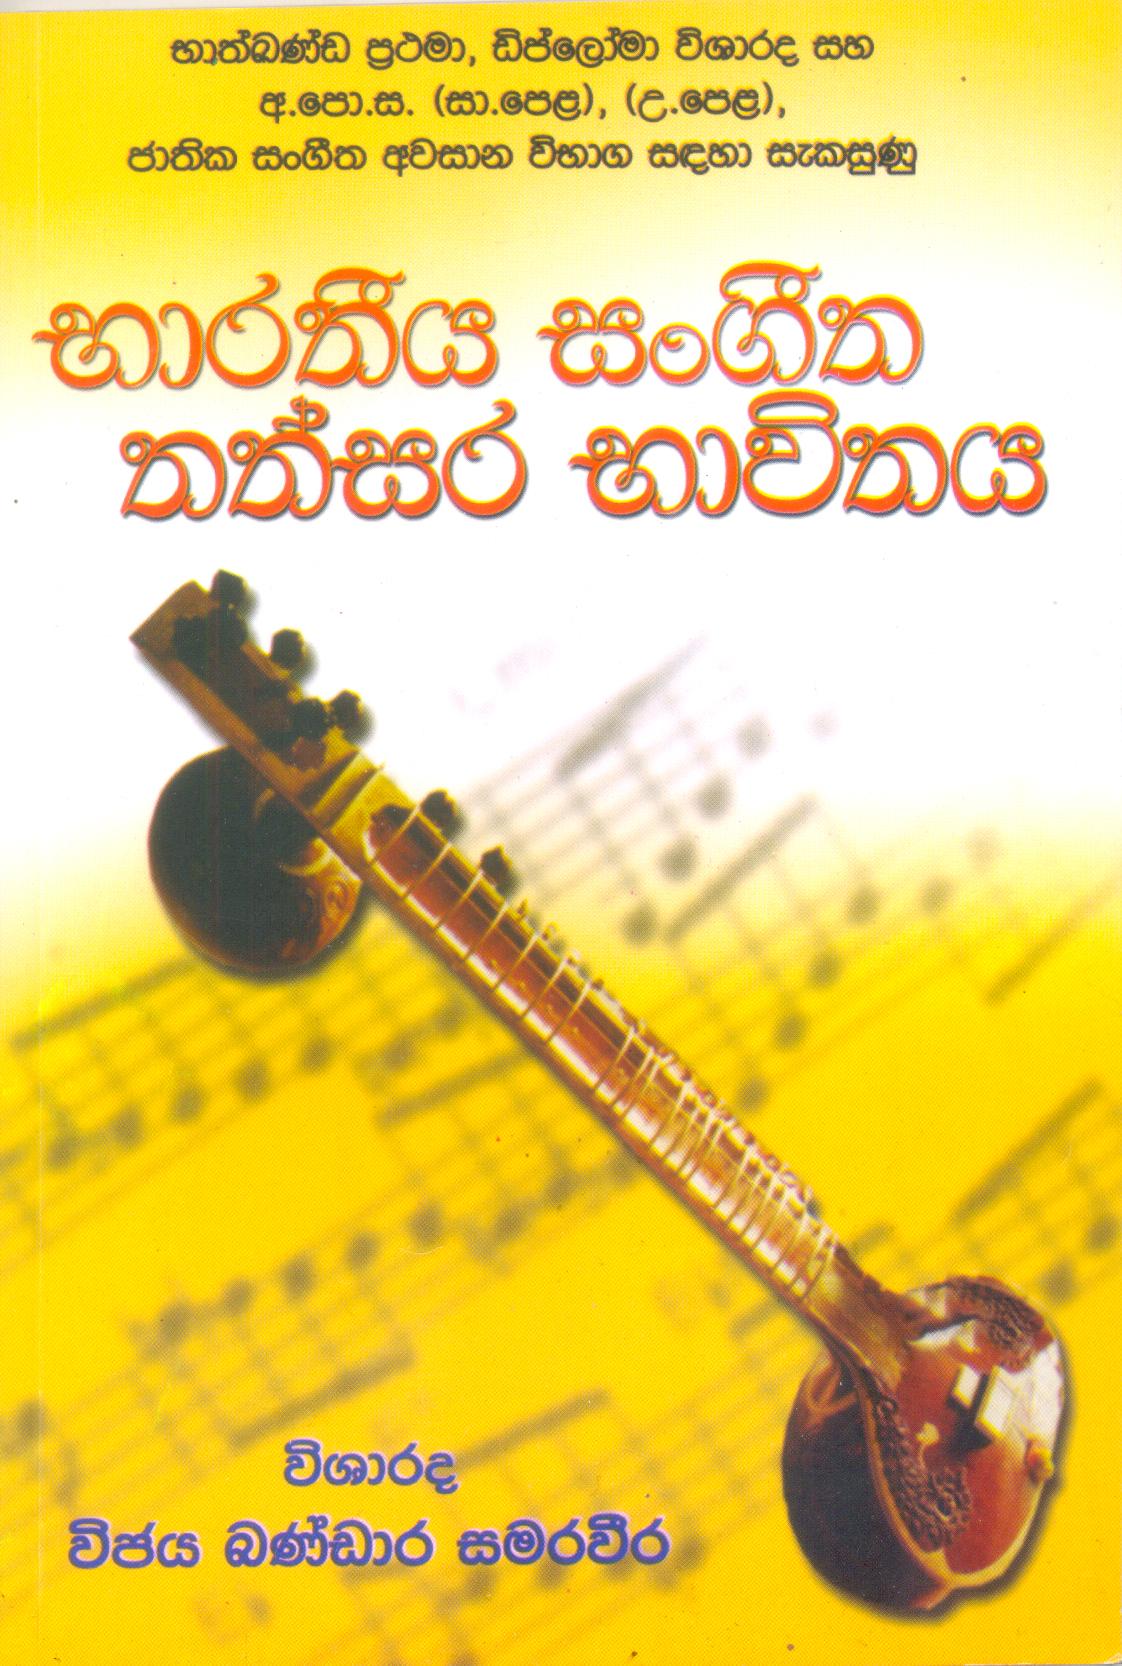 Bharatheeya Sangeetha Thathsara Bhavithaya